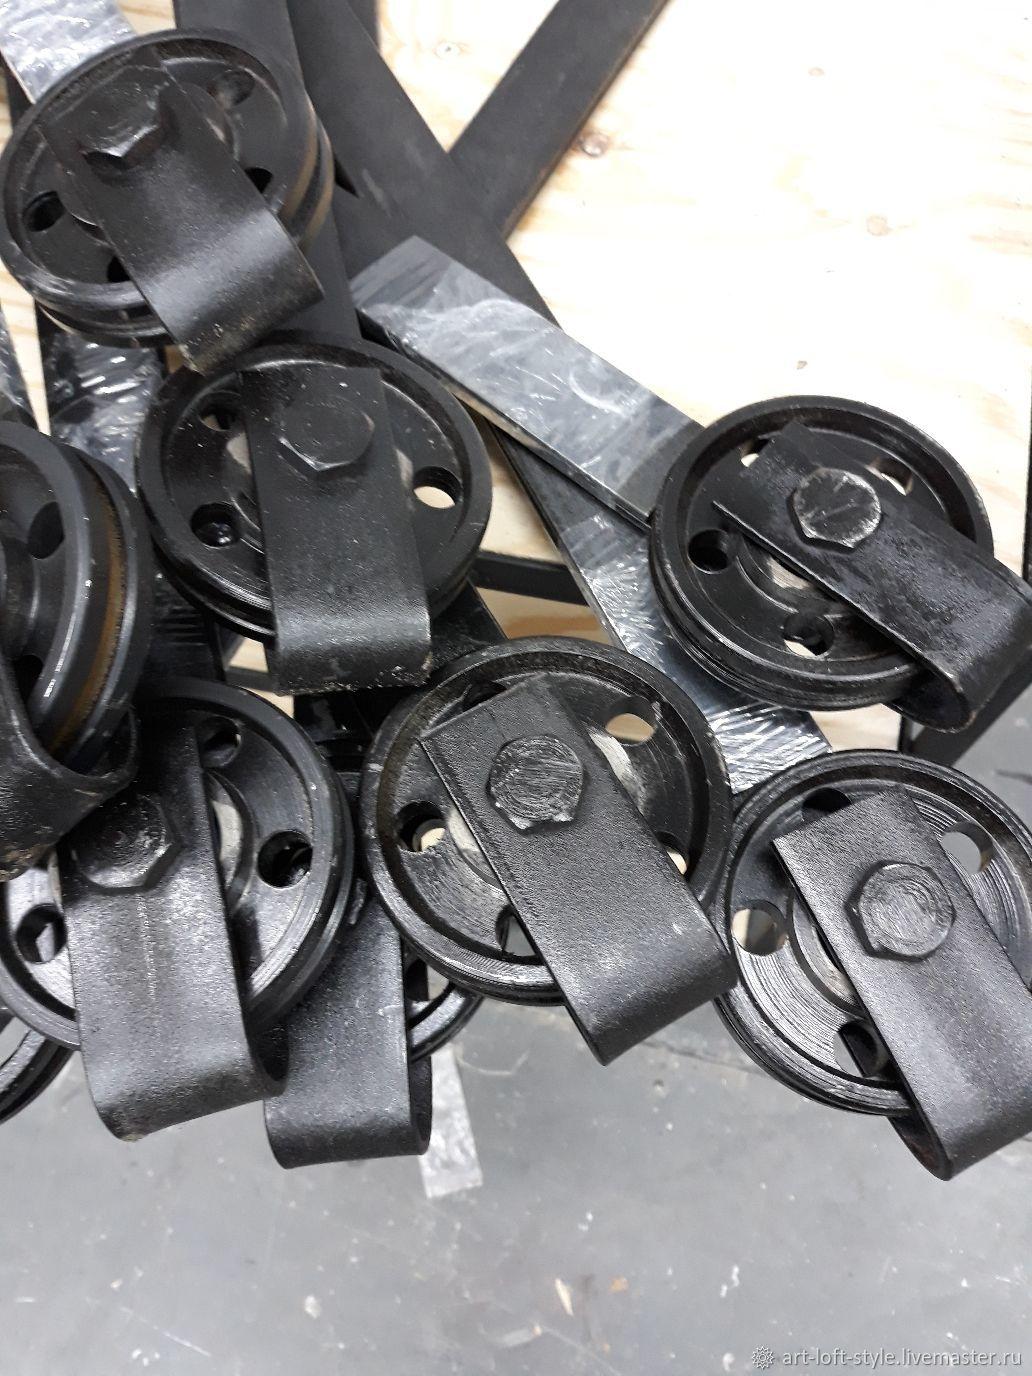 Амбарные механизмы. Производство и монтаж амбарных дверей.